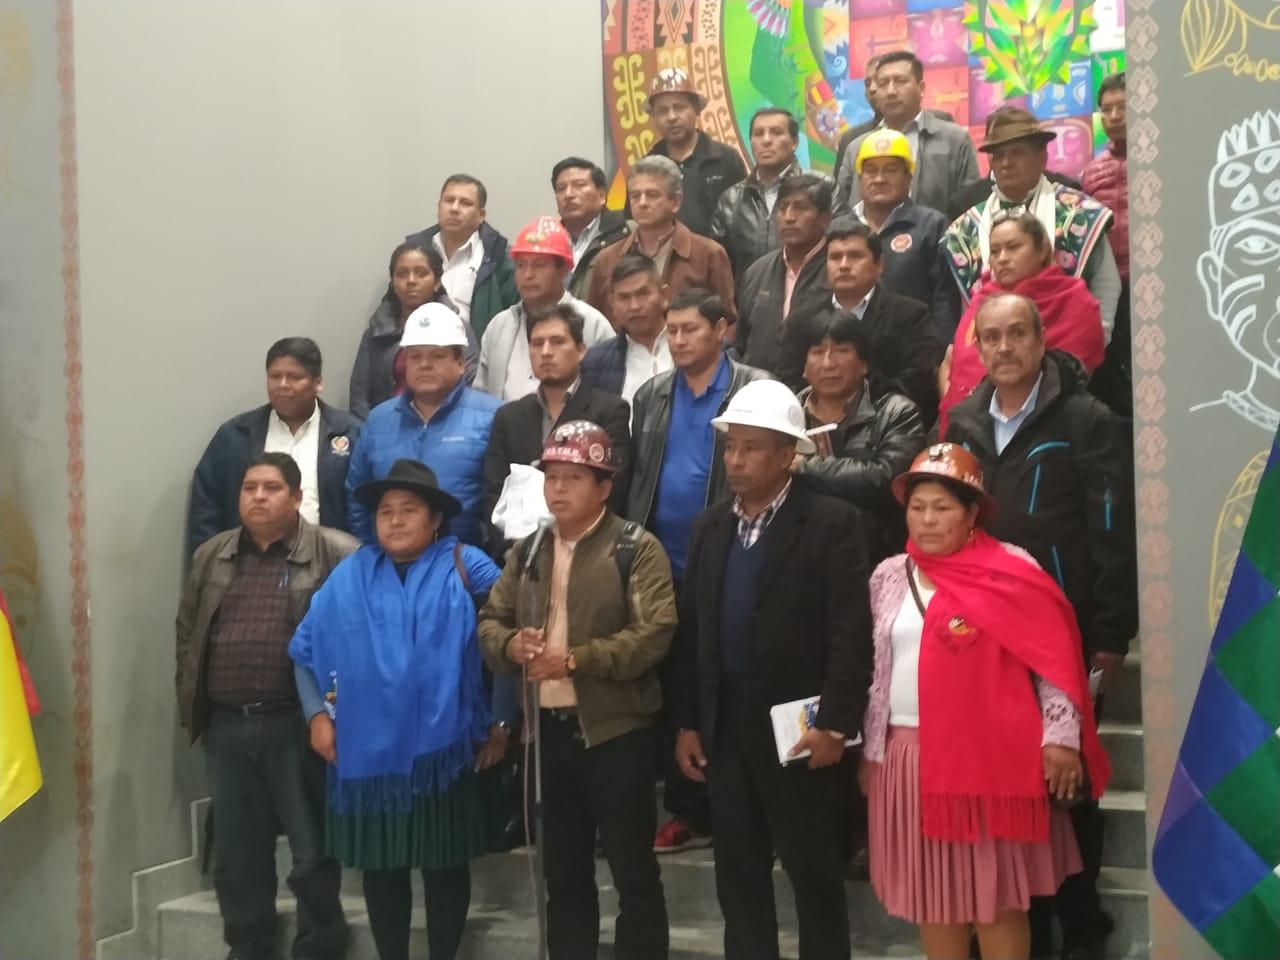 CONALCAM anuncia marcha y convoca a choferes, gremiales entre otros sectores a sumarse a la misma en defensa del SUS